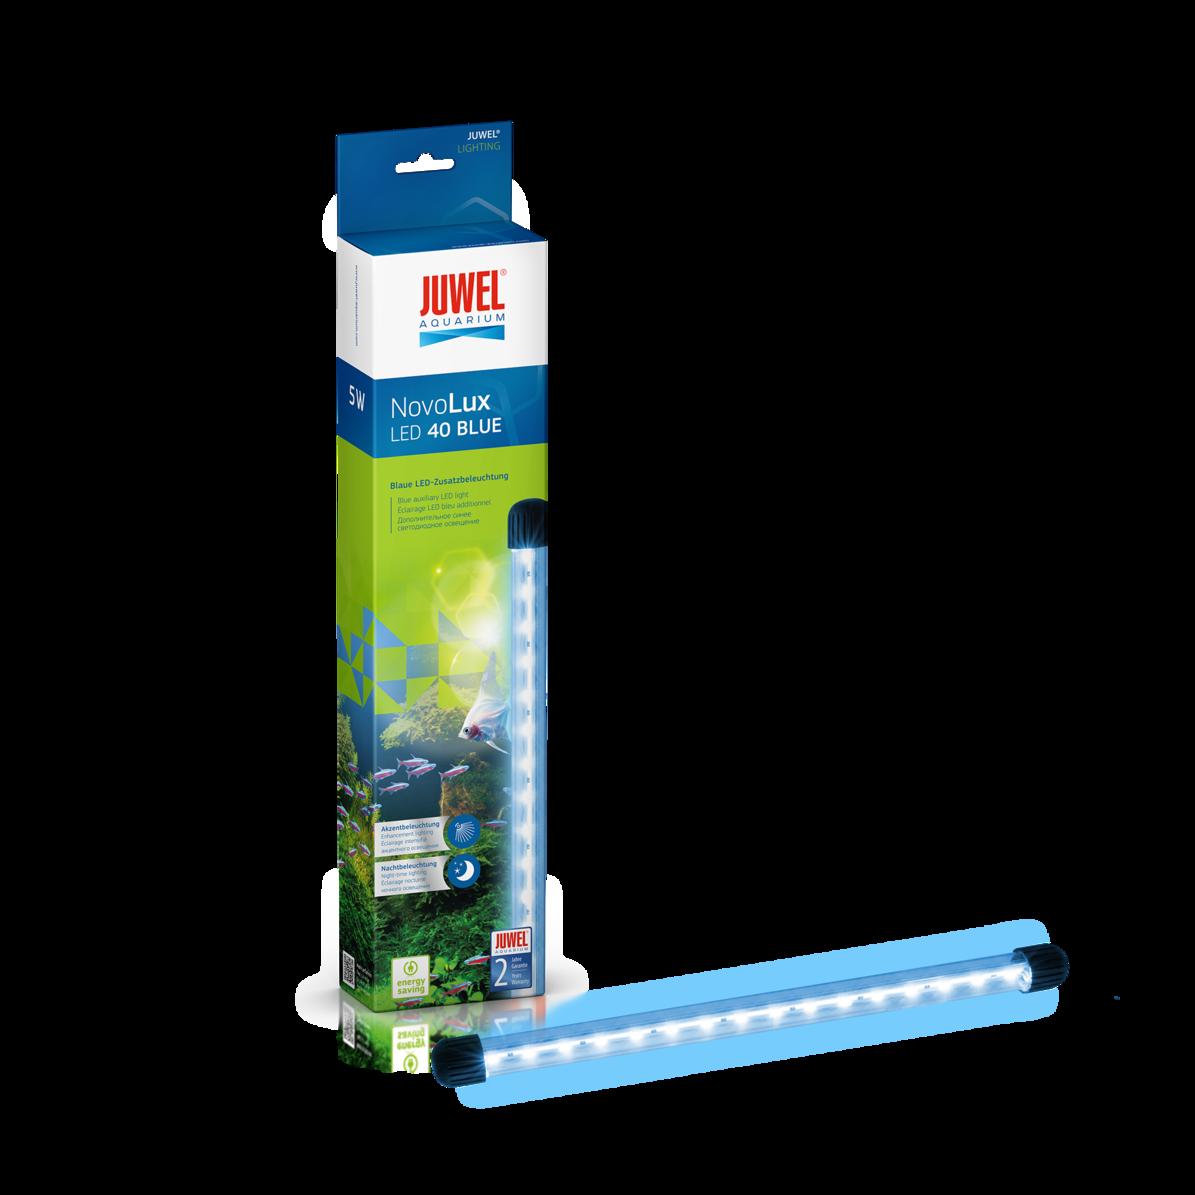 JUWEL NovoLux LED 40 lumière Bleue 14000°K tube Leds additionnel pour Vio 40, Primo 60, 70 et 110 ou tout autre aquarium